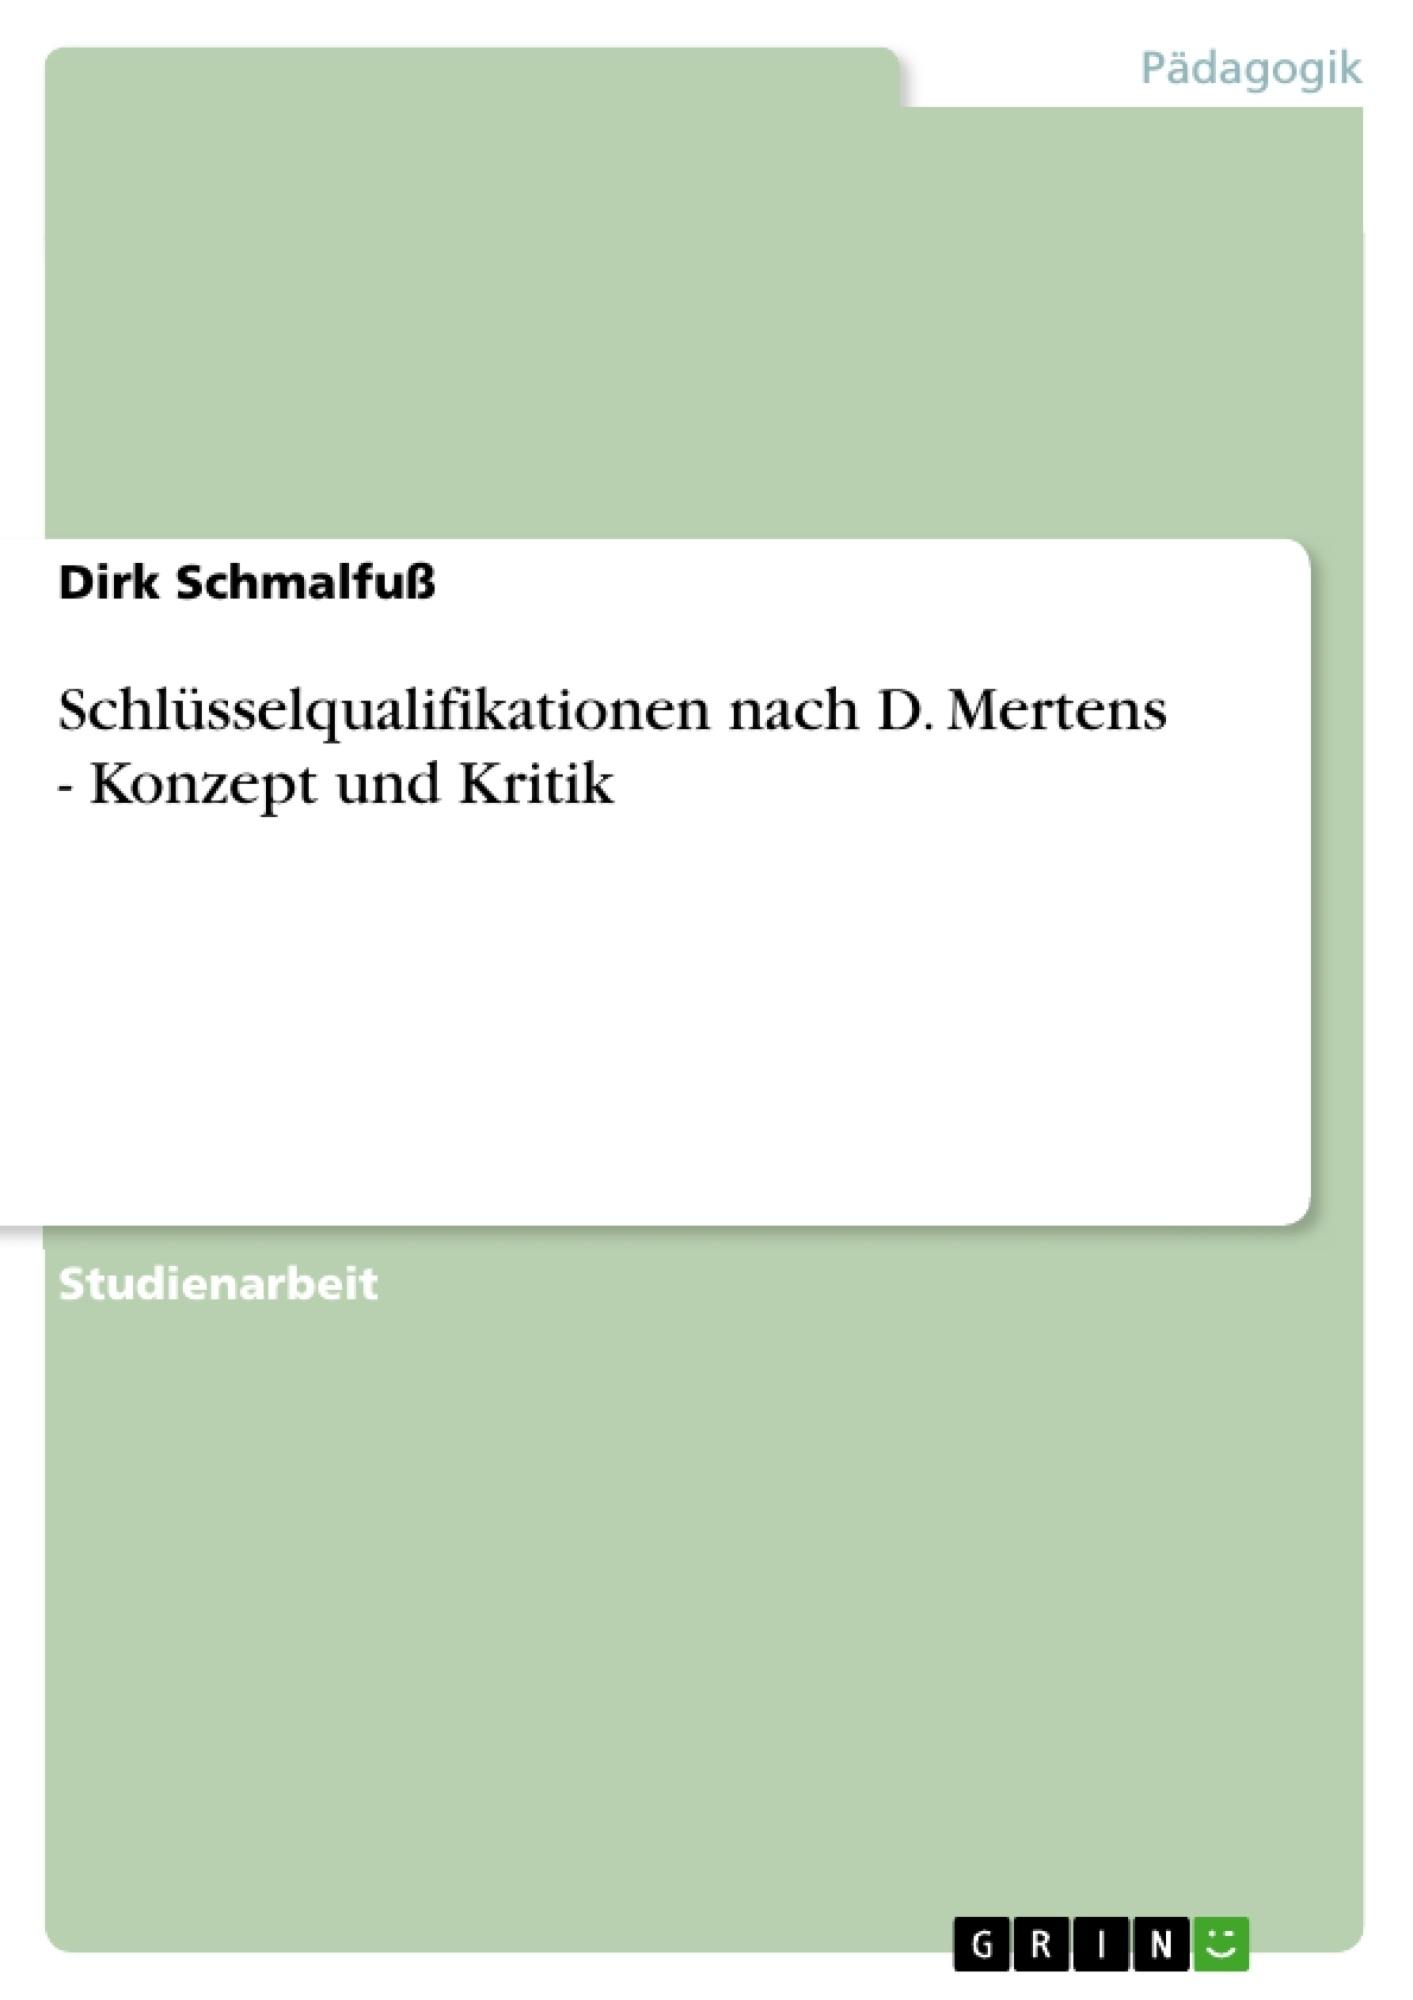 Titel: Schlüsselqualifikationen nach D. Mertens - Konzept und Kritik